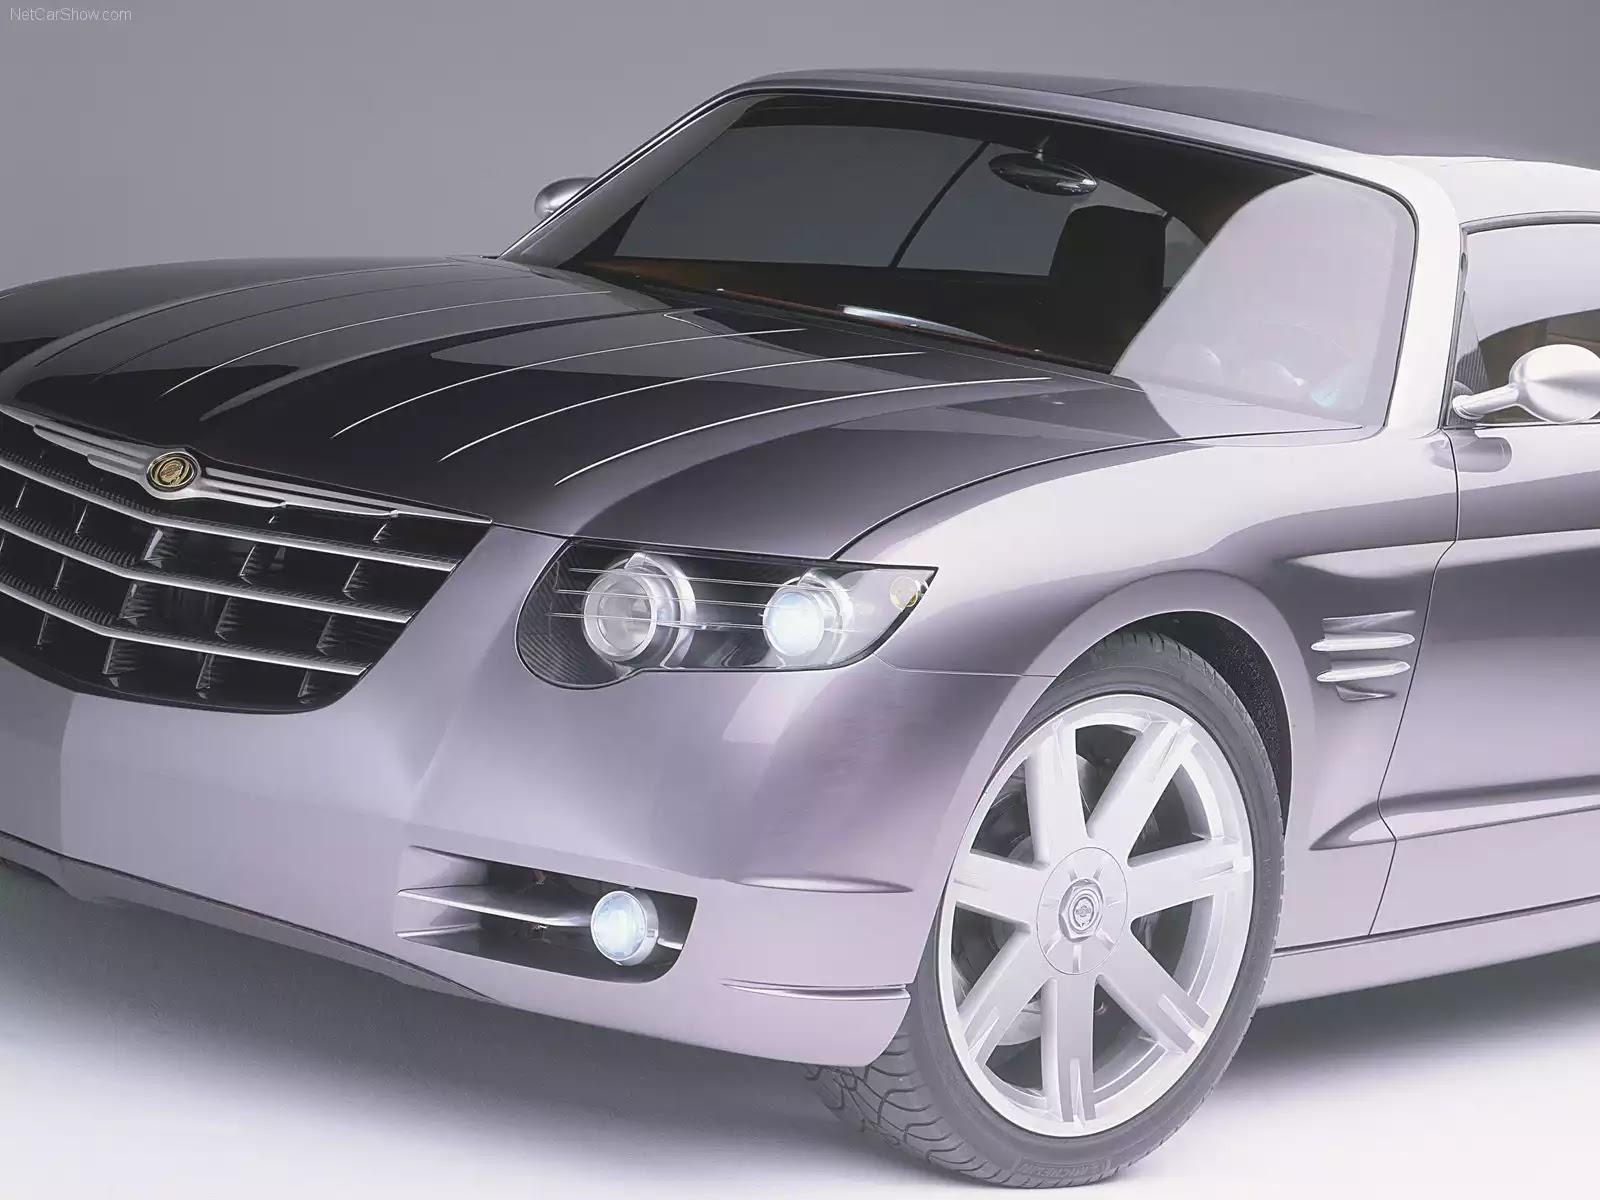 Hình ảnh xe ô tô Chrysler Airflite Concept 2003 & nội ngoại thất